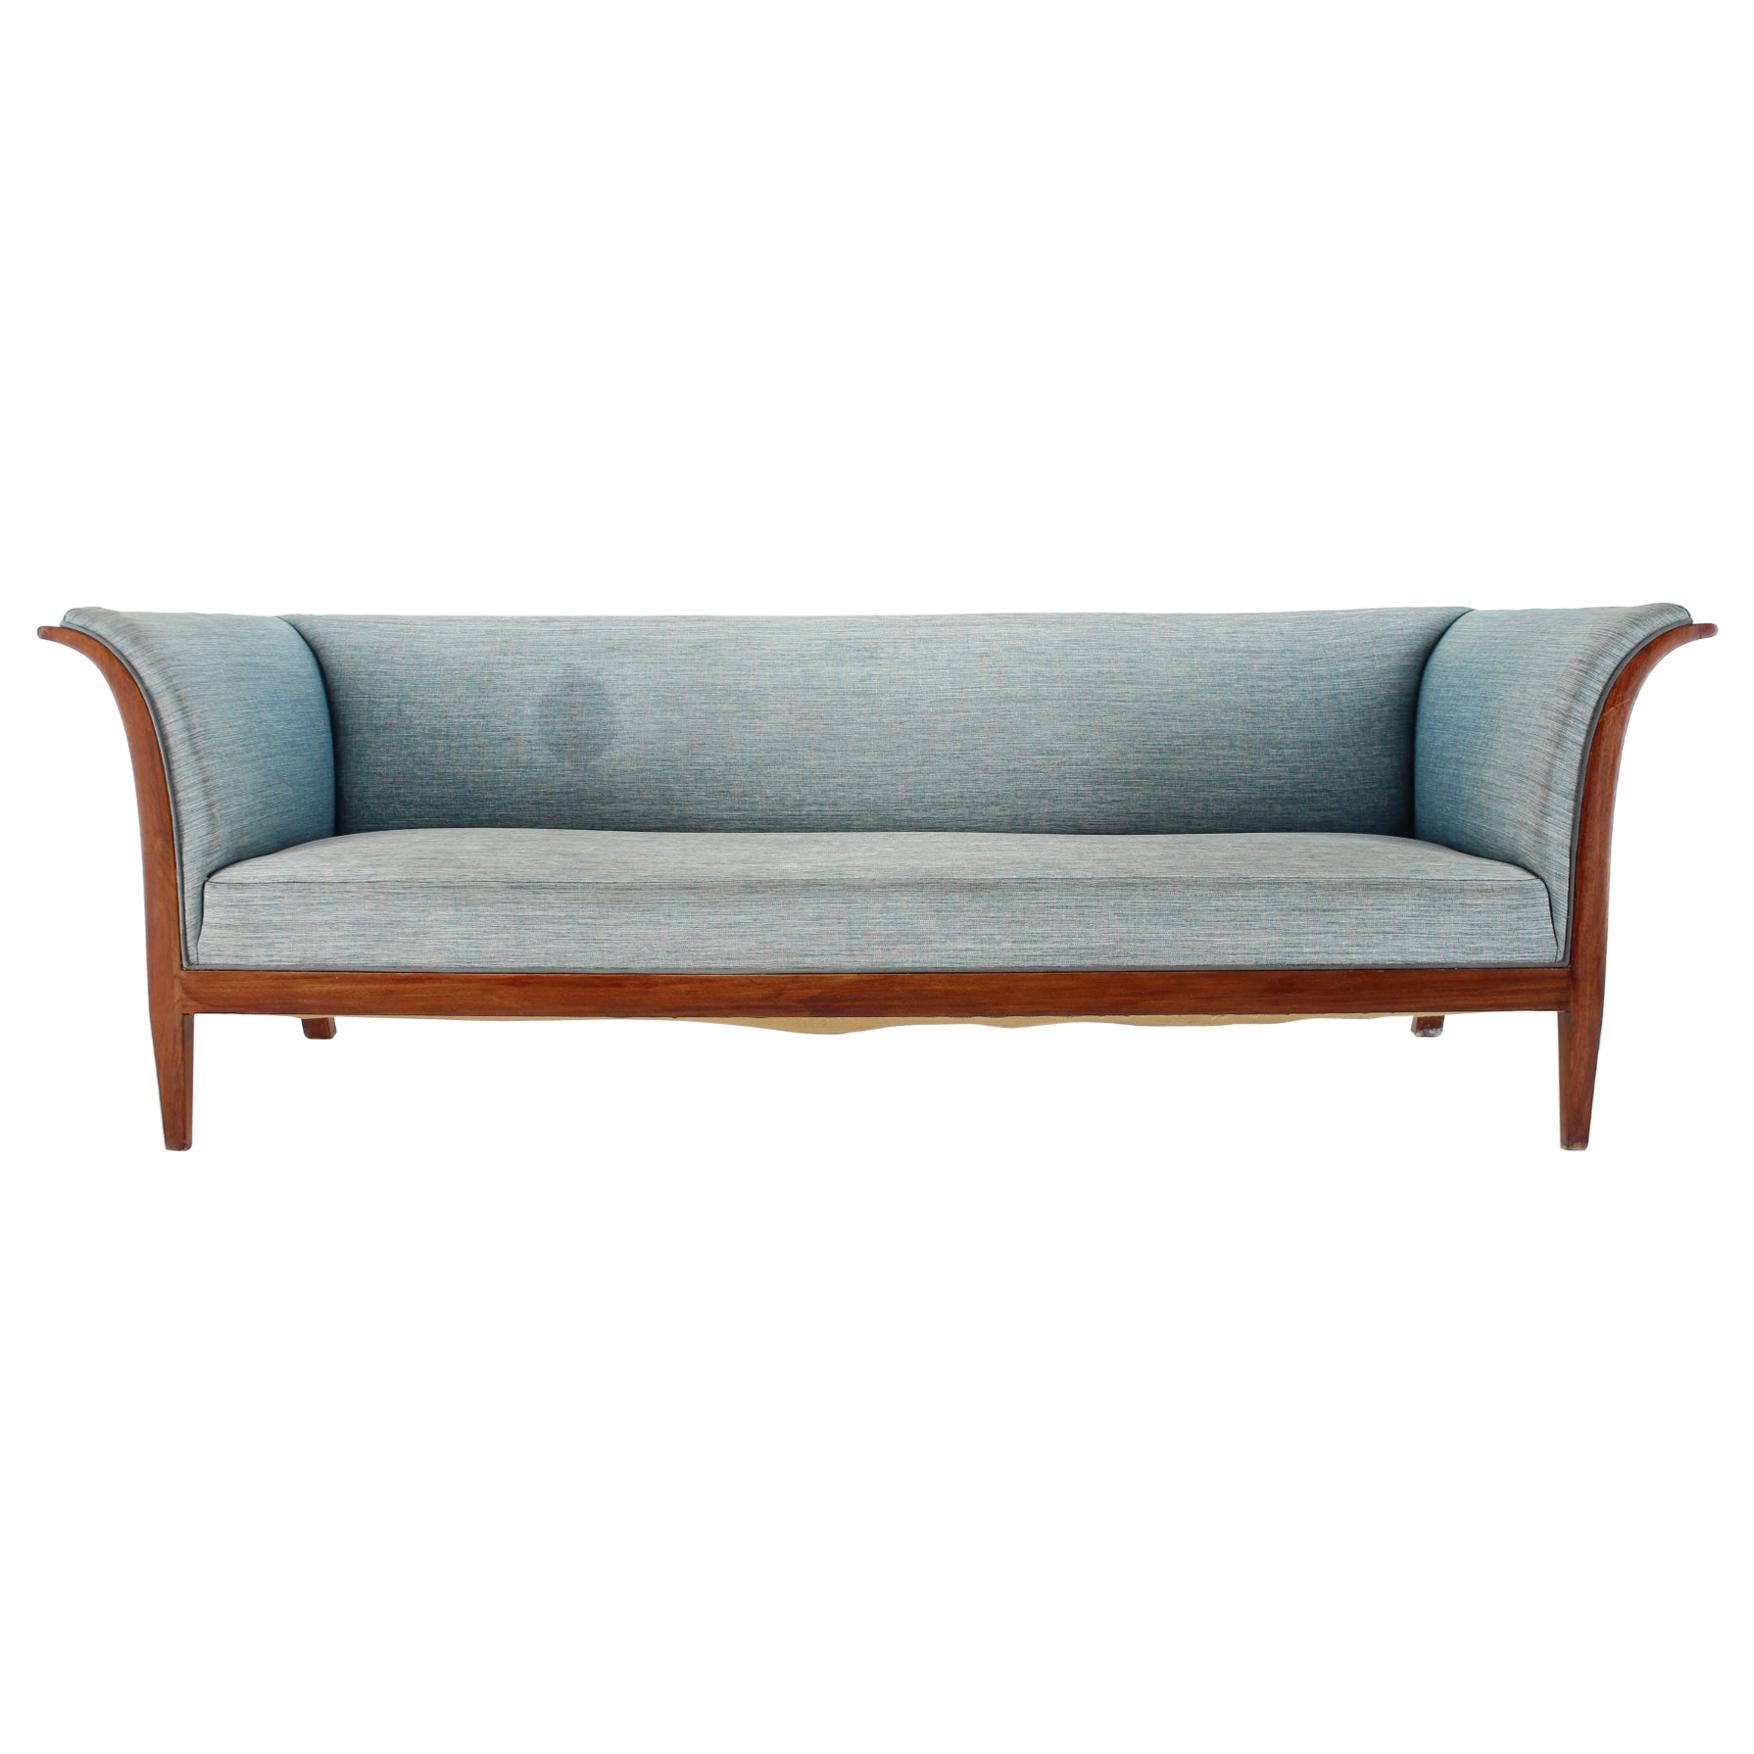 1940s Frits Henningsen Mahogany Three-Seat Sofa, Denmark, 1940s